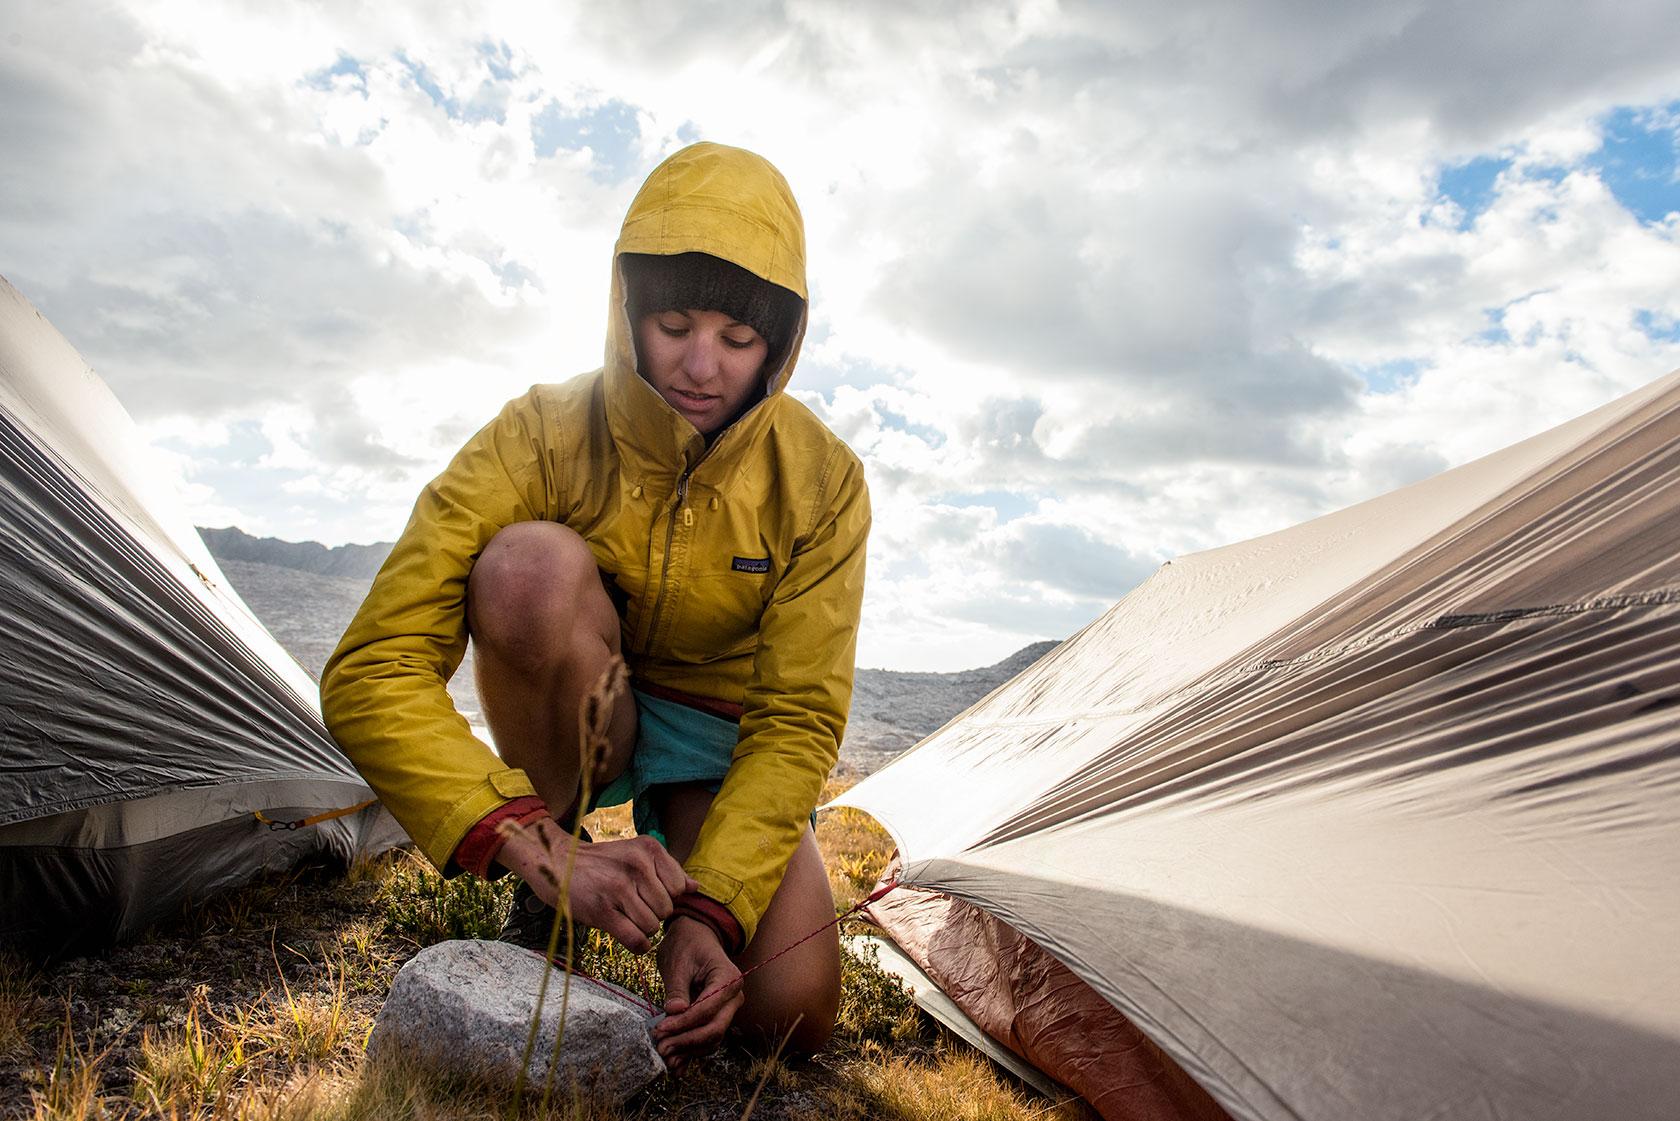 austin-trigg-big-agnes-tent-john-muir-trail-camping-Ties-Lake-Wanda.jpg